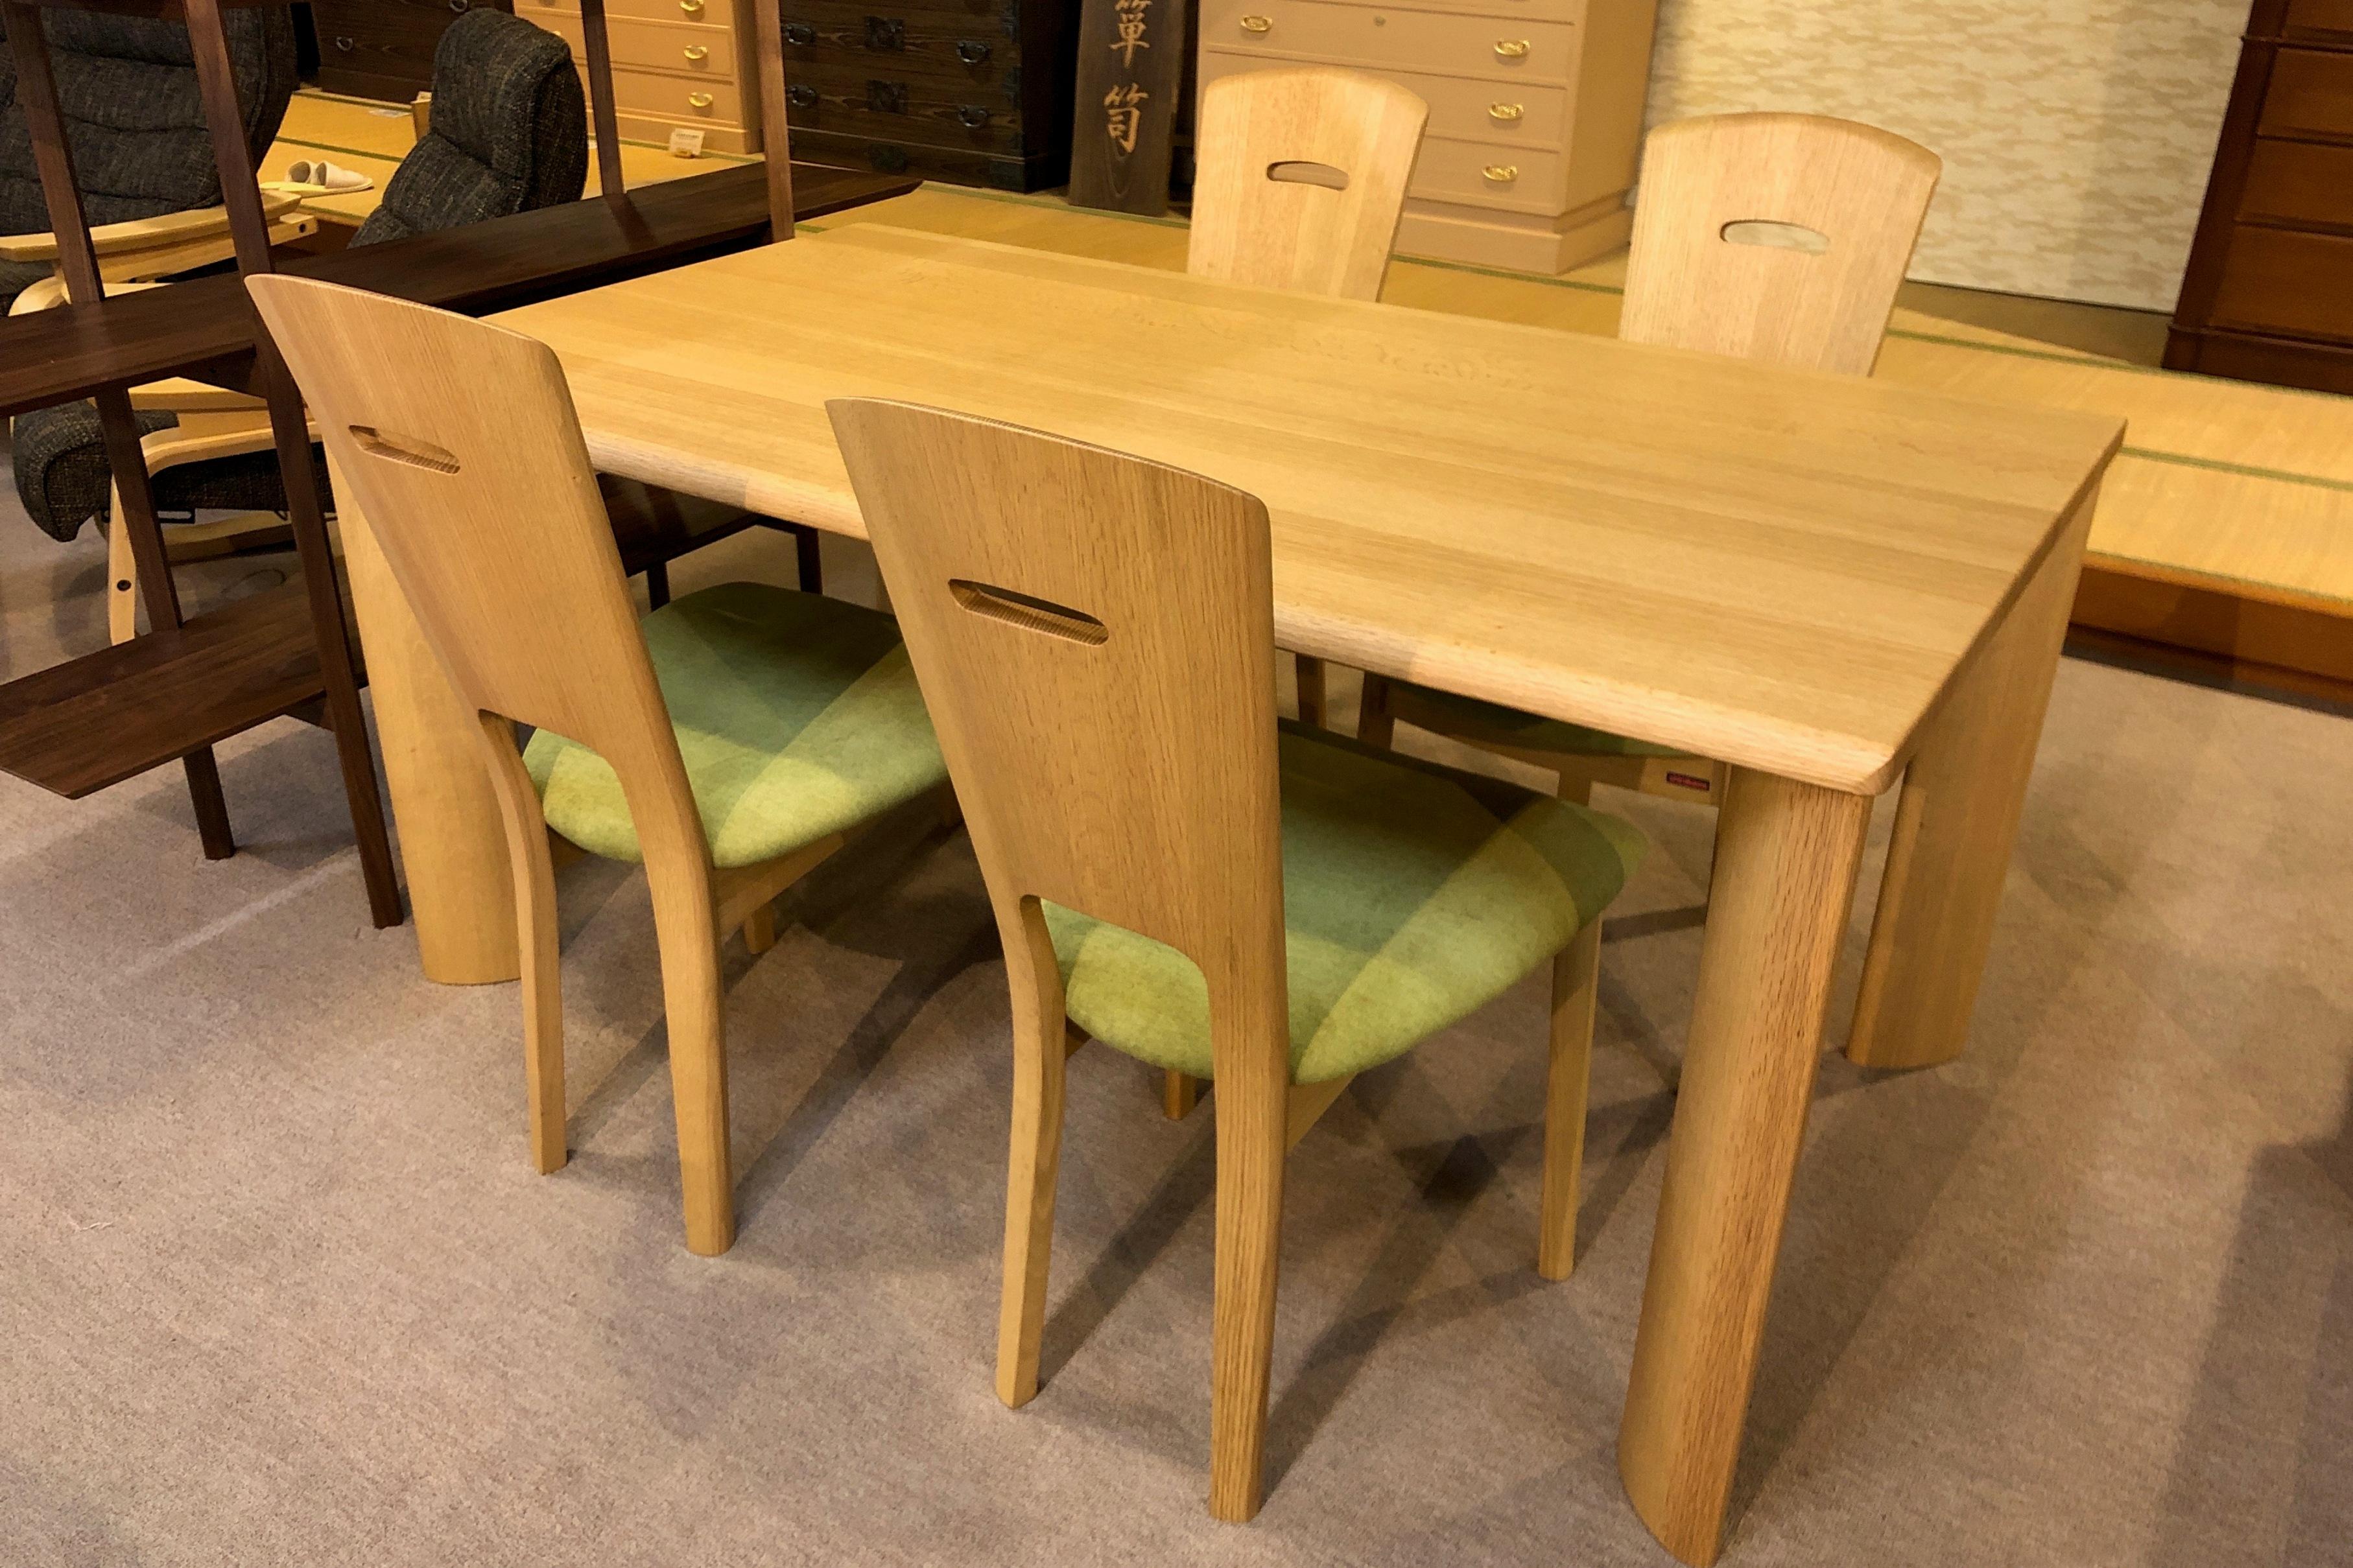 シラカワ 飛騨の家具 Rossetti ロセッティ ダイニング 無垢 天然木 テーブル チェア 木匠舘マイドゥ